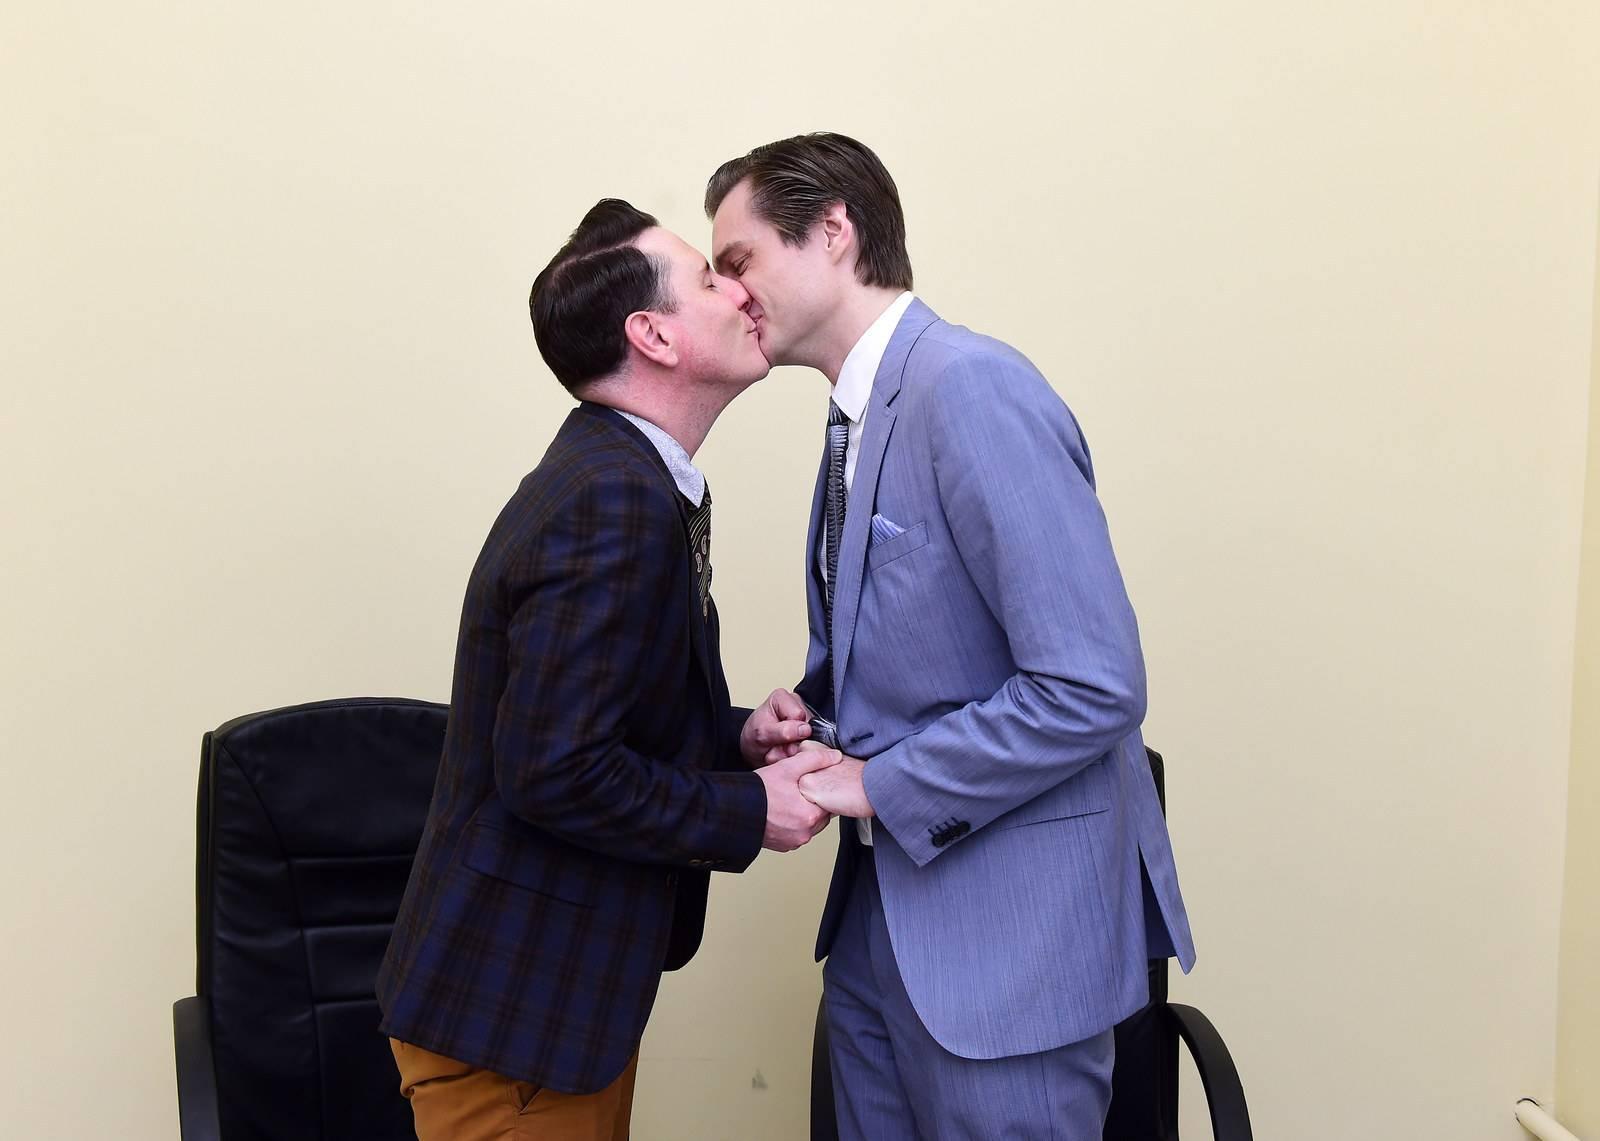 Любимый элгбткторат: как меркель обернула легализацию однополых браков в фрг в свою пользу — рт на русском